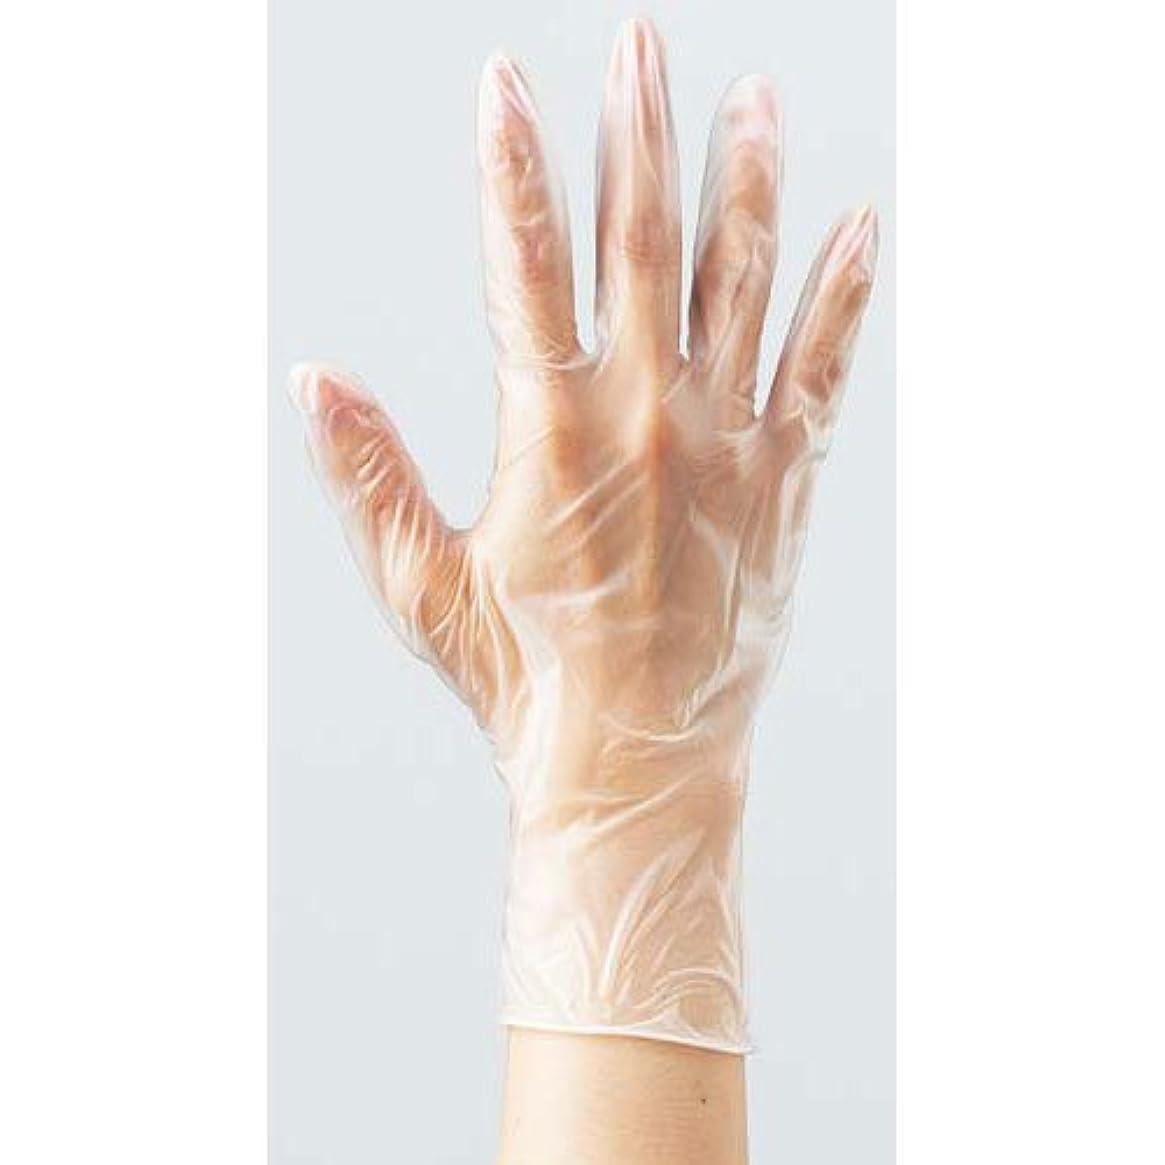 相互動力学証明カウネット プラスチック手袋 袋入 粉無L 100枚